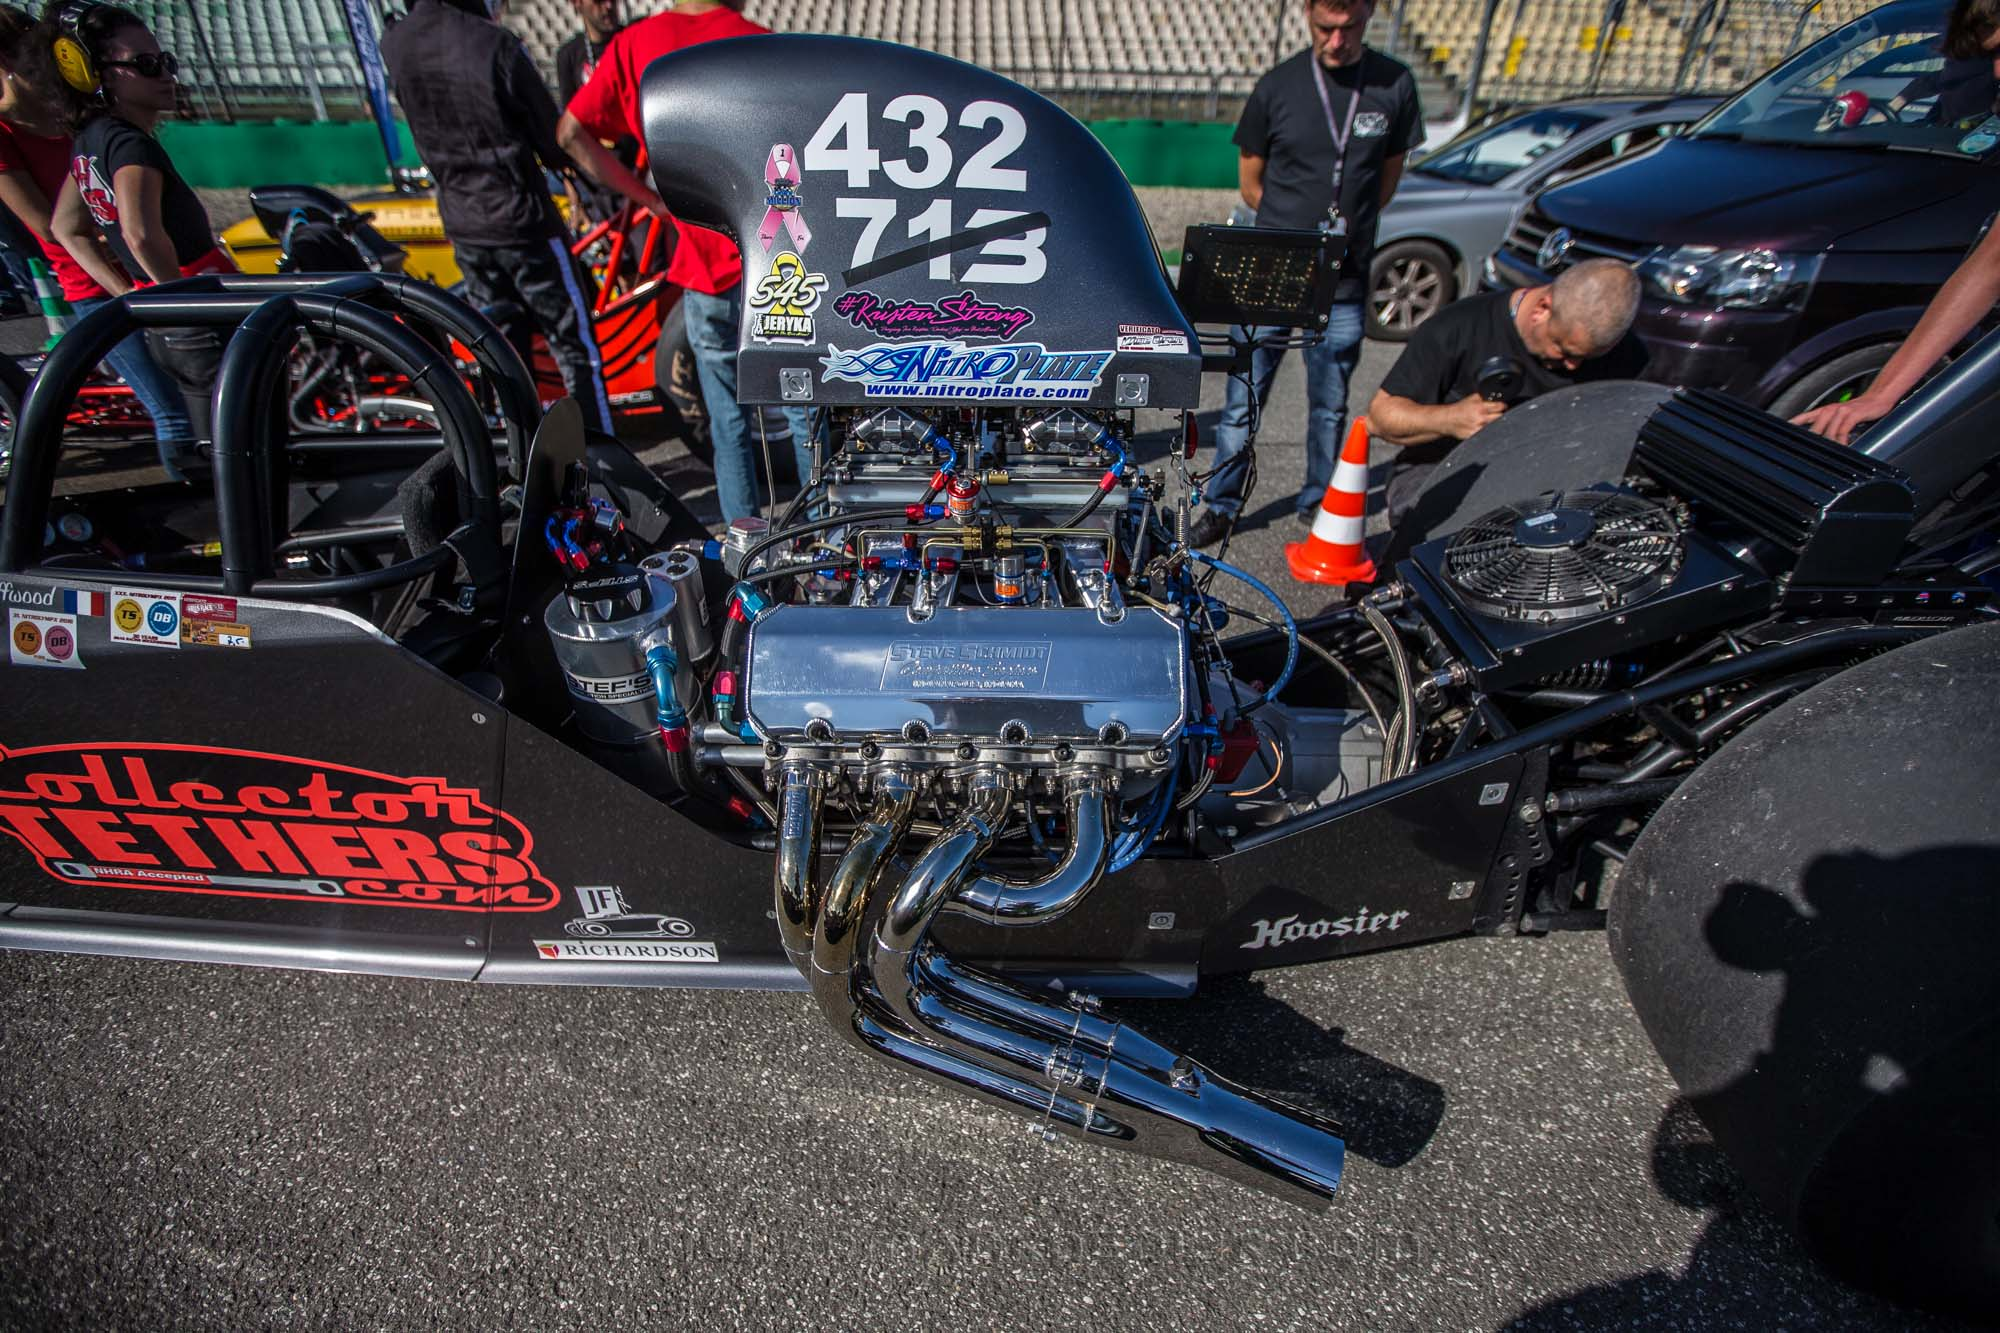 Drag_racing_Hockenheimring-30